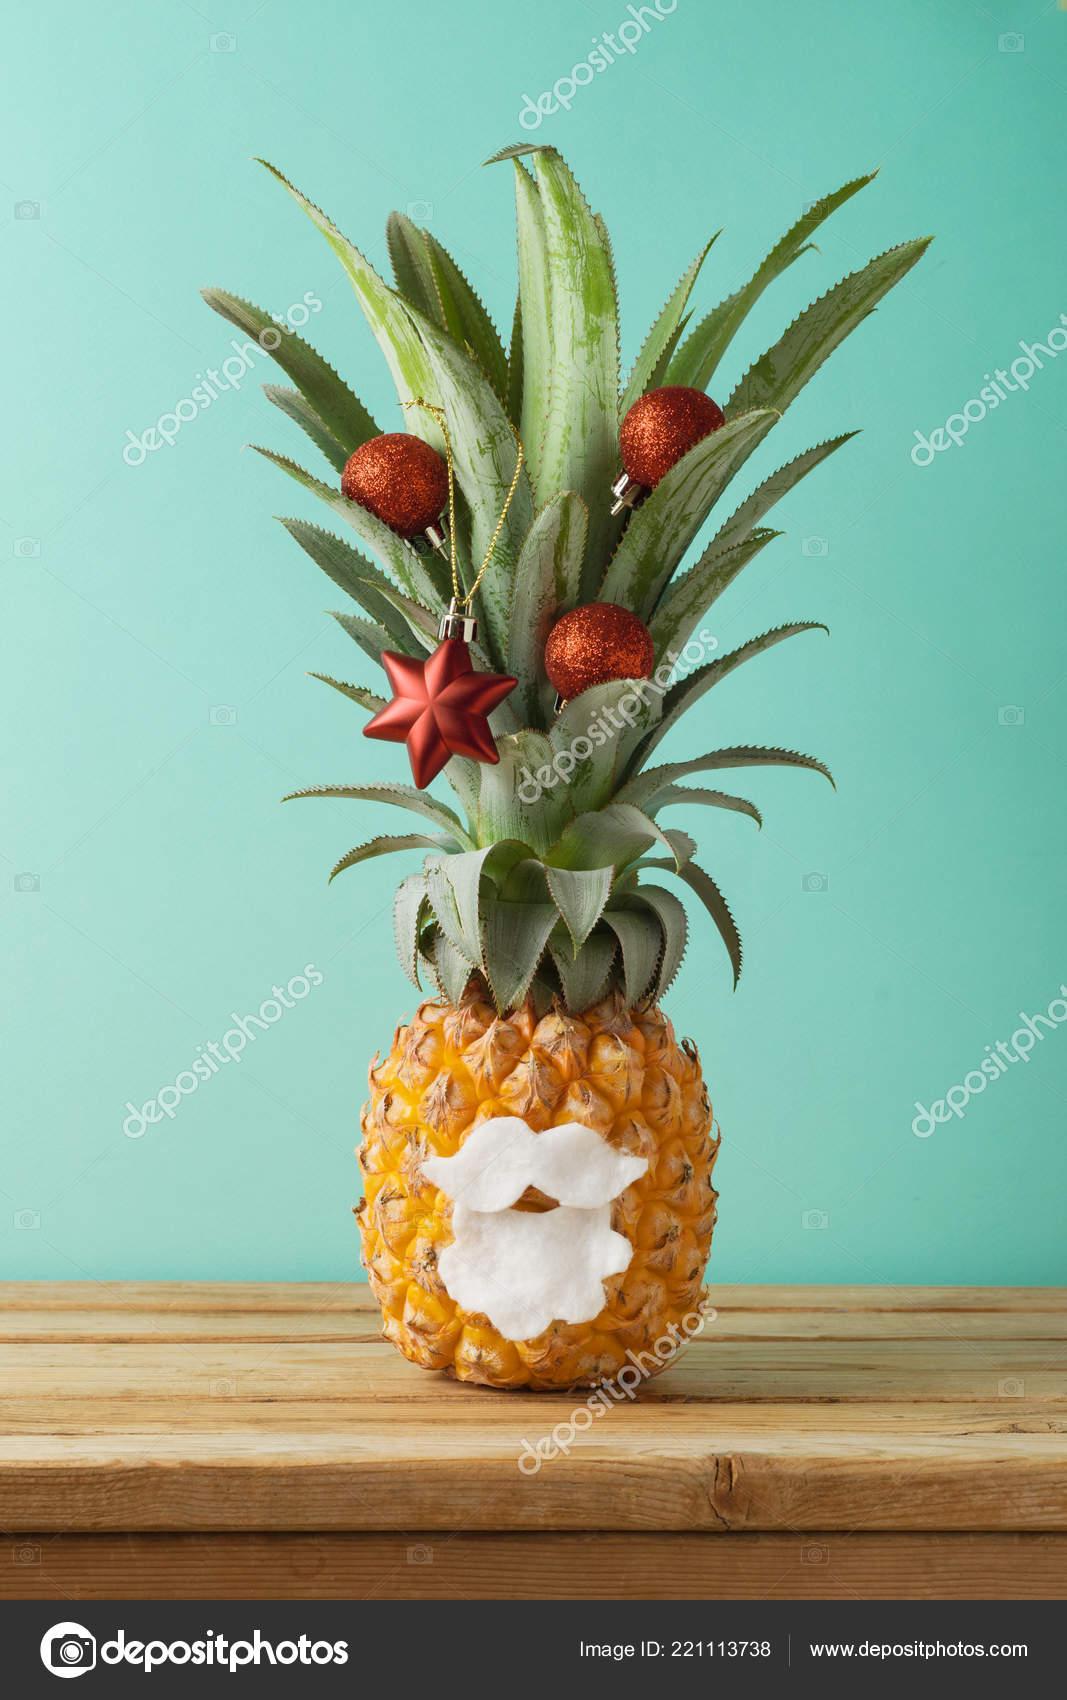 Christmas Pineapple.Christmas Holiday Concept Pineapple Alternative Christmas